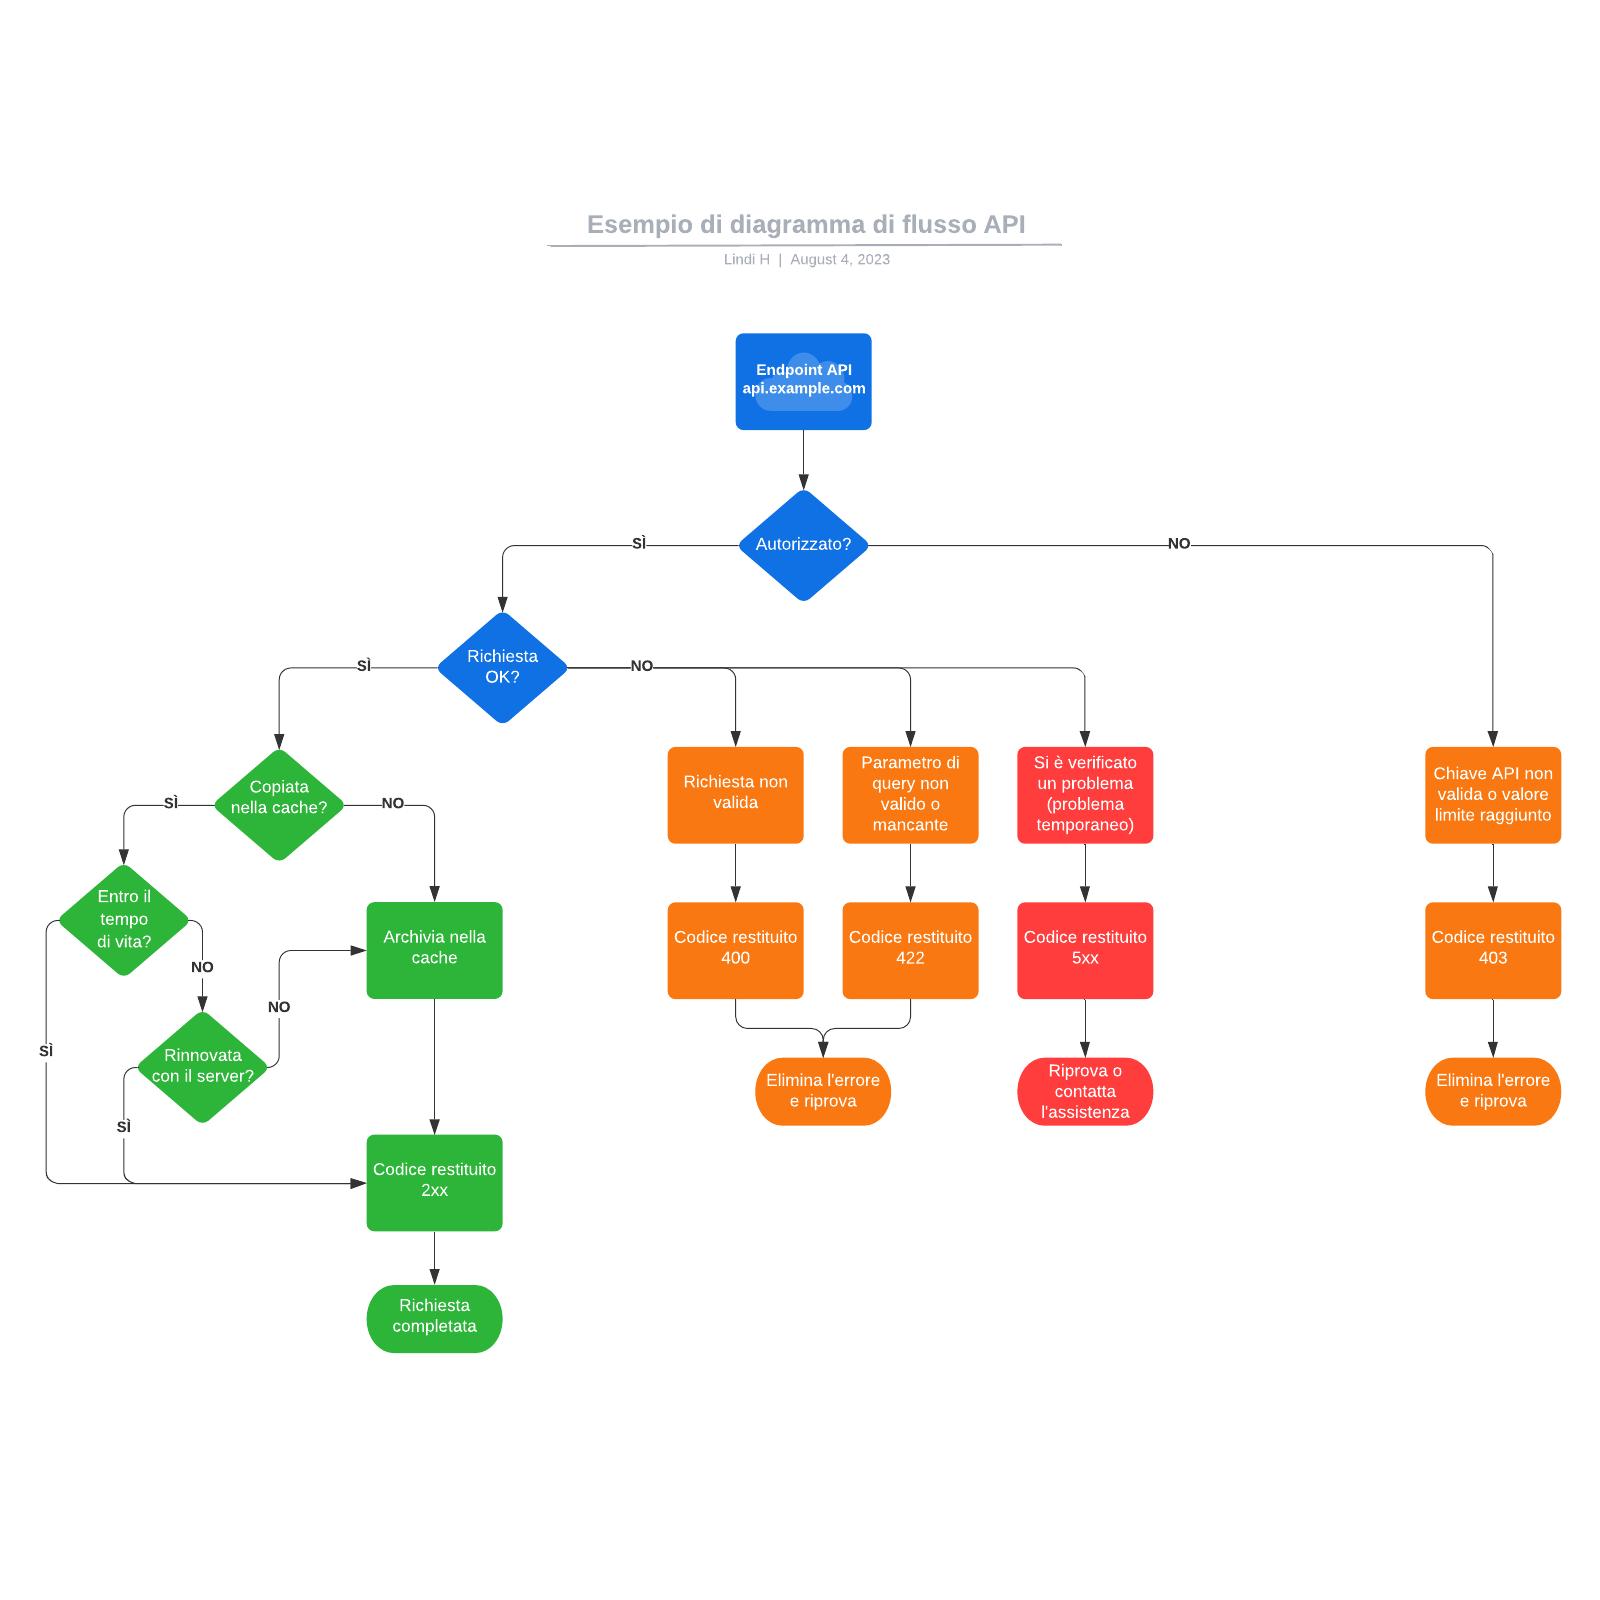 Esempio di diagramma di flusso API